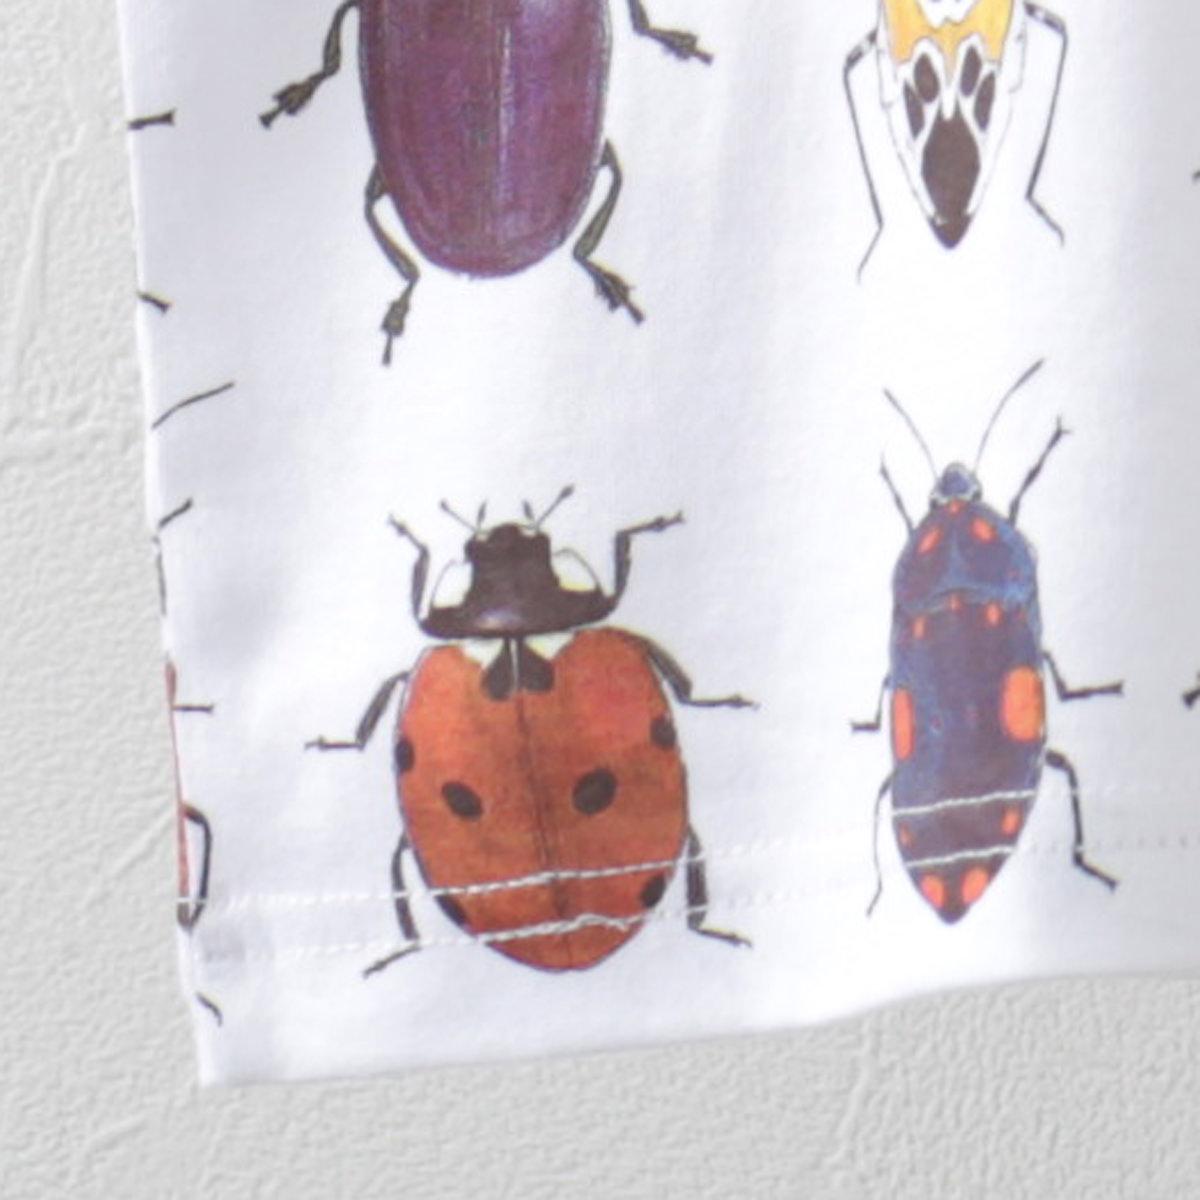 Madcap England Tシャツ Beetle コガネムシ White マッドキャップ レッド メンズ